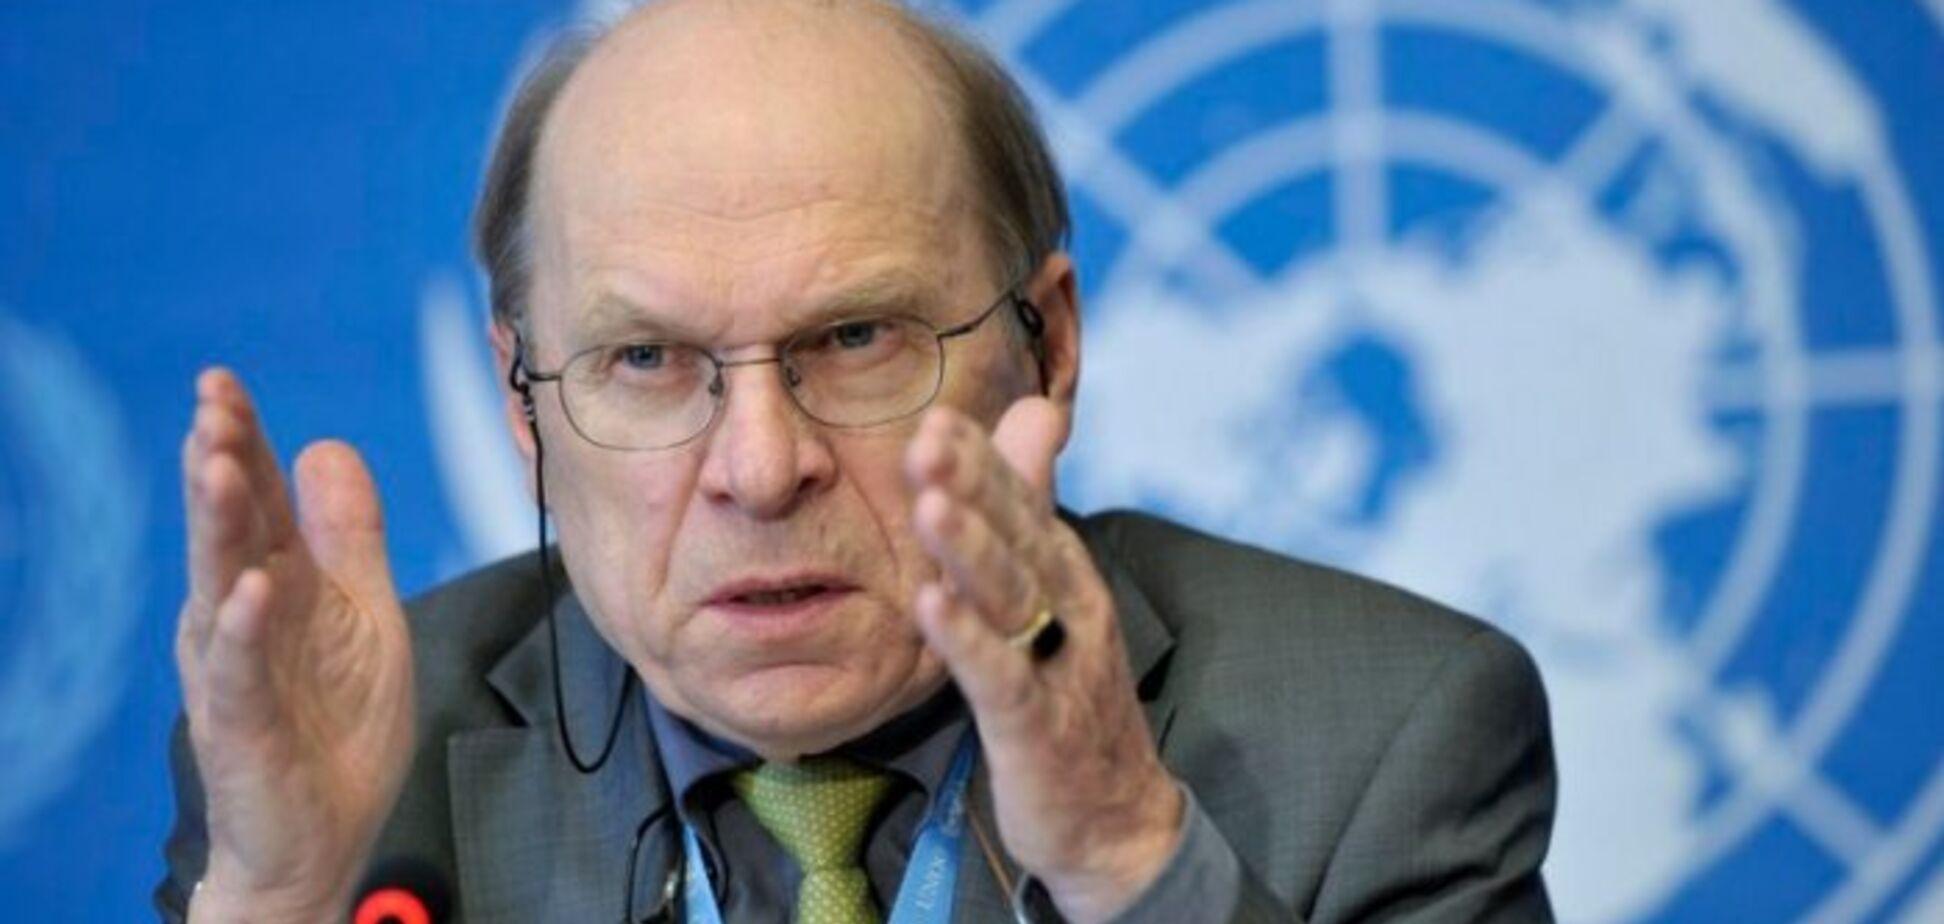 Представник ОБСЄ Фріш, який 'подружився' з терористами, зірвав обмін полоненими – ЗМІ